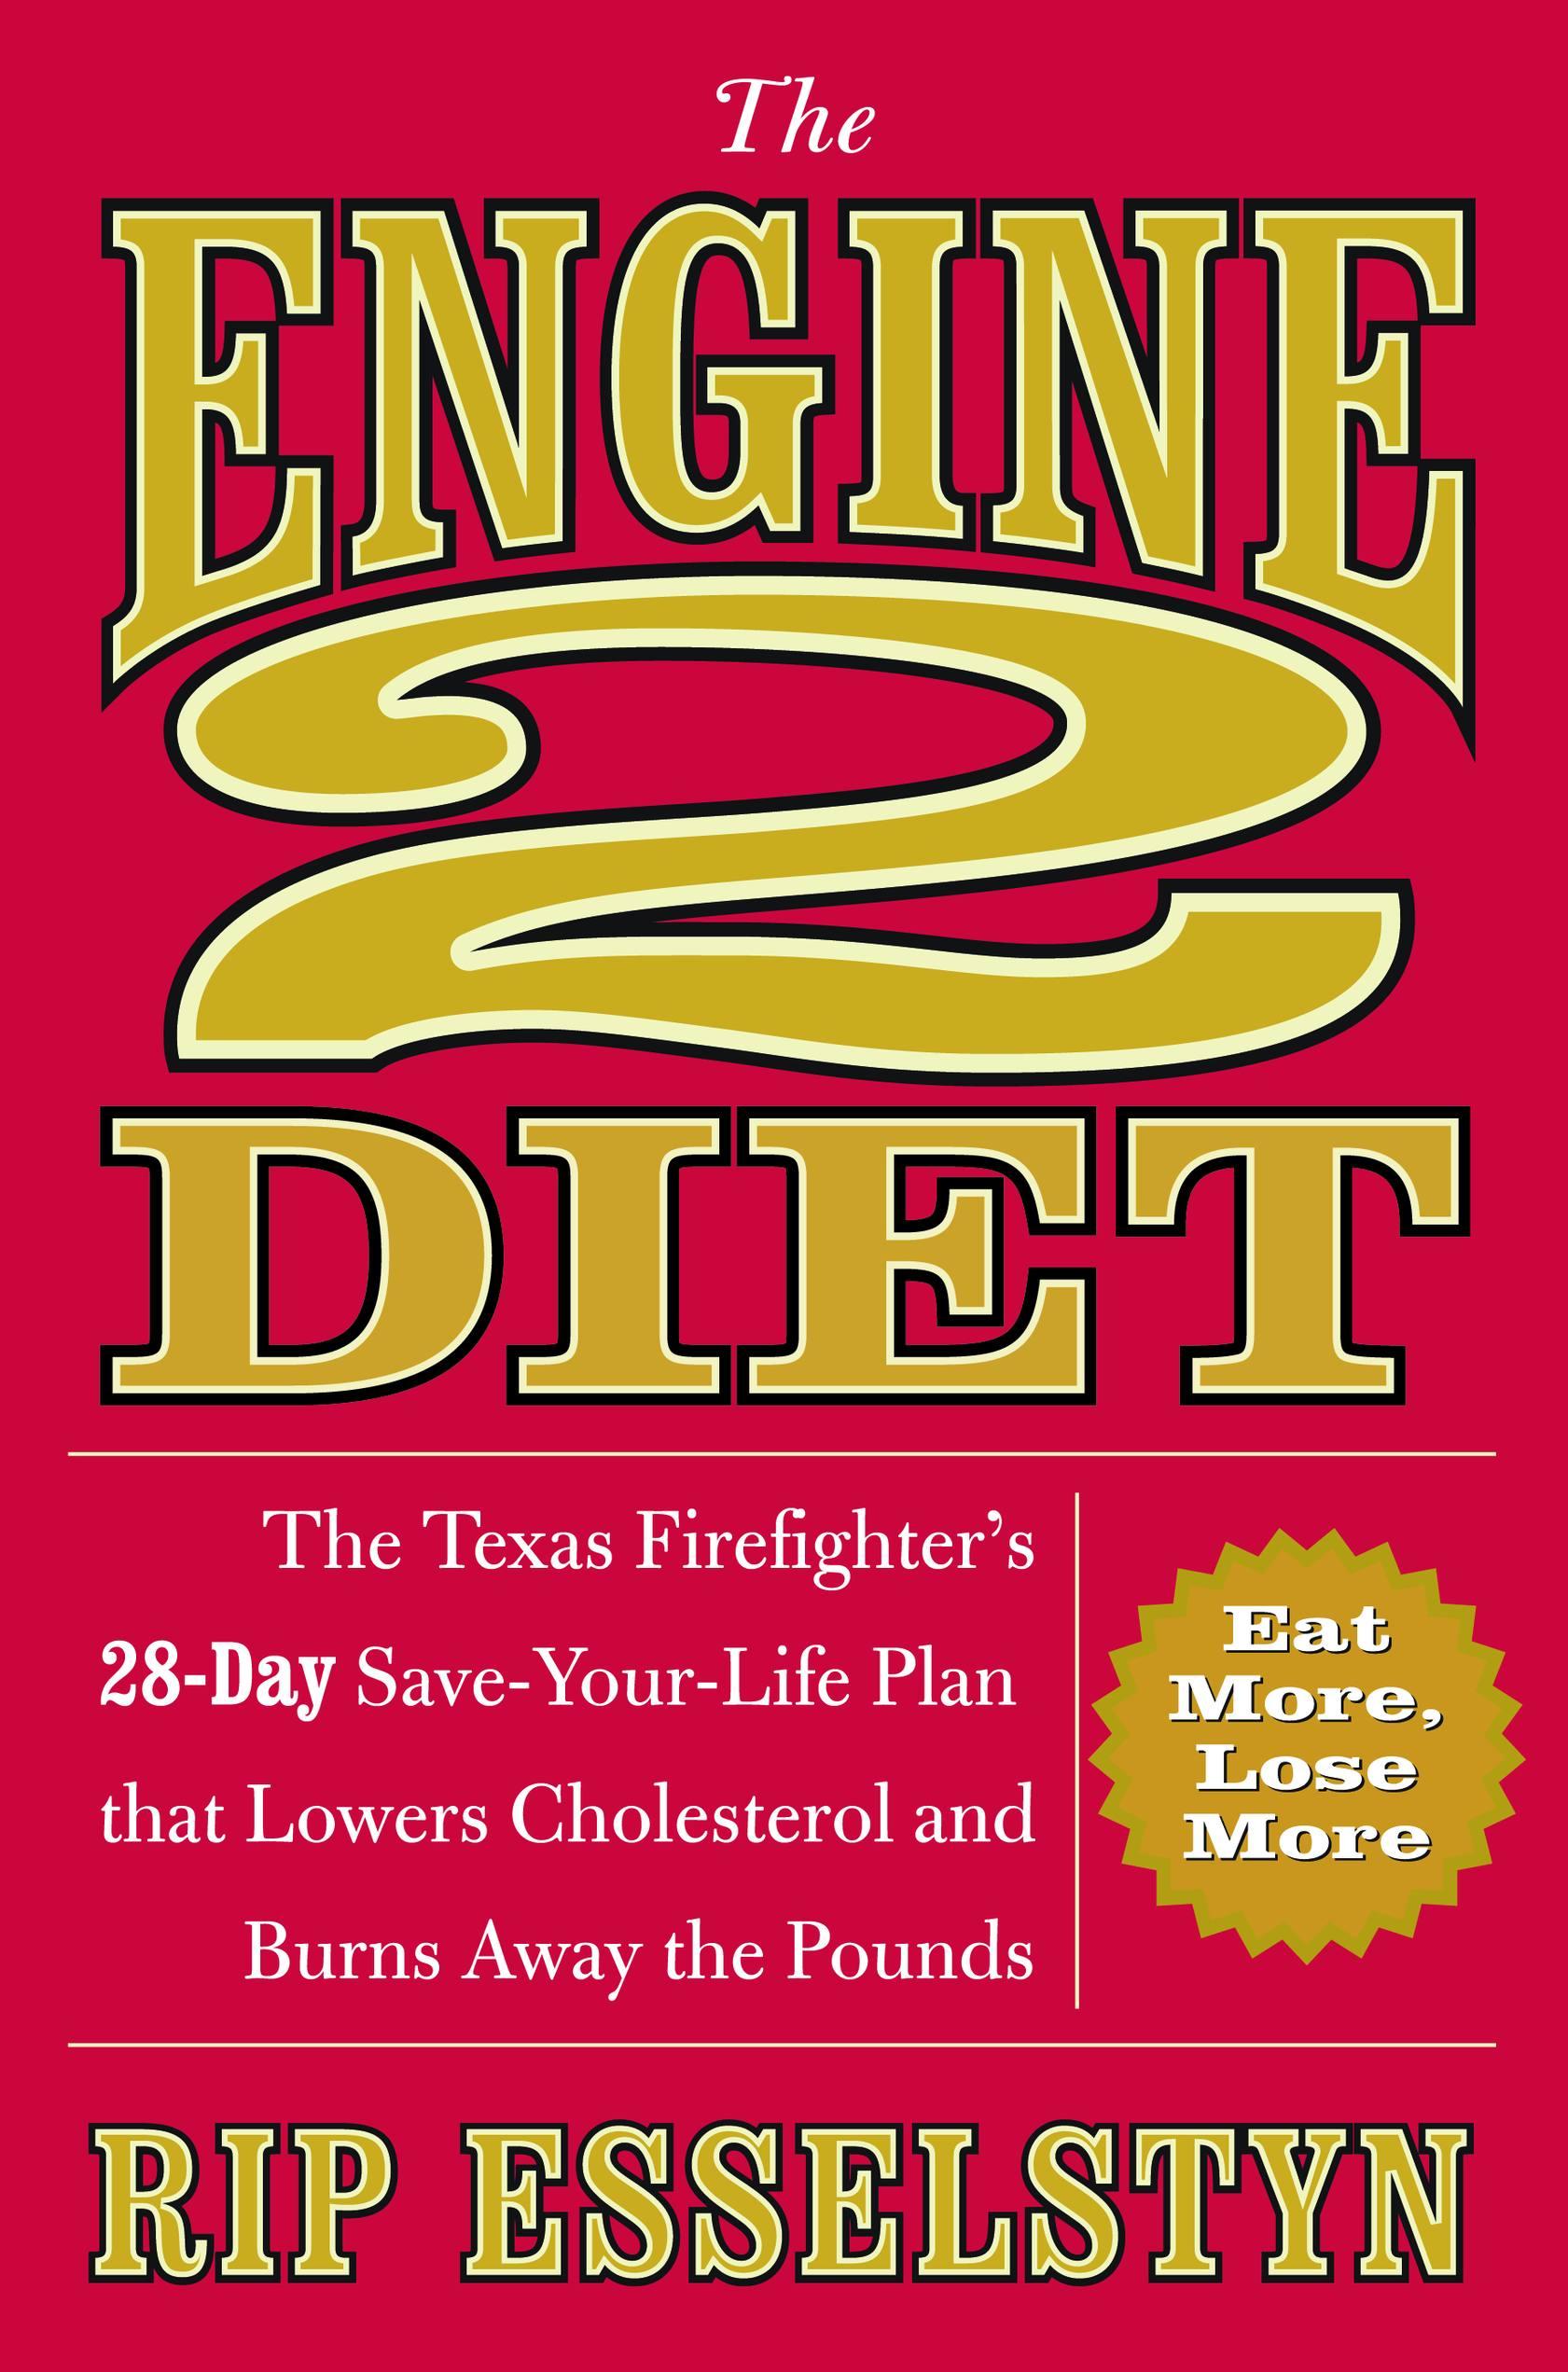 Engine-2-Diet